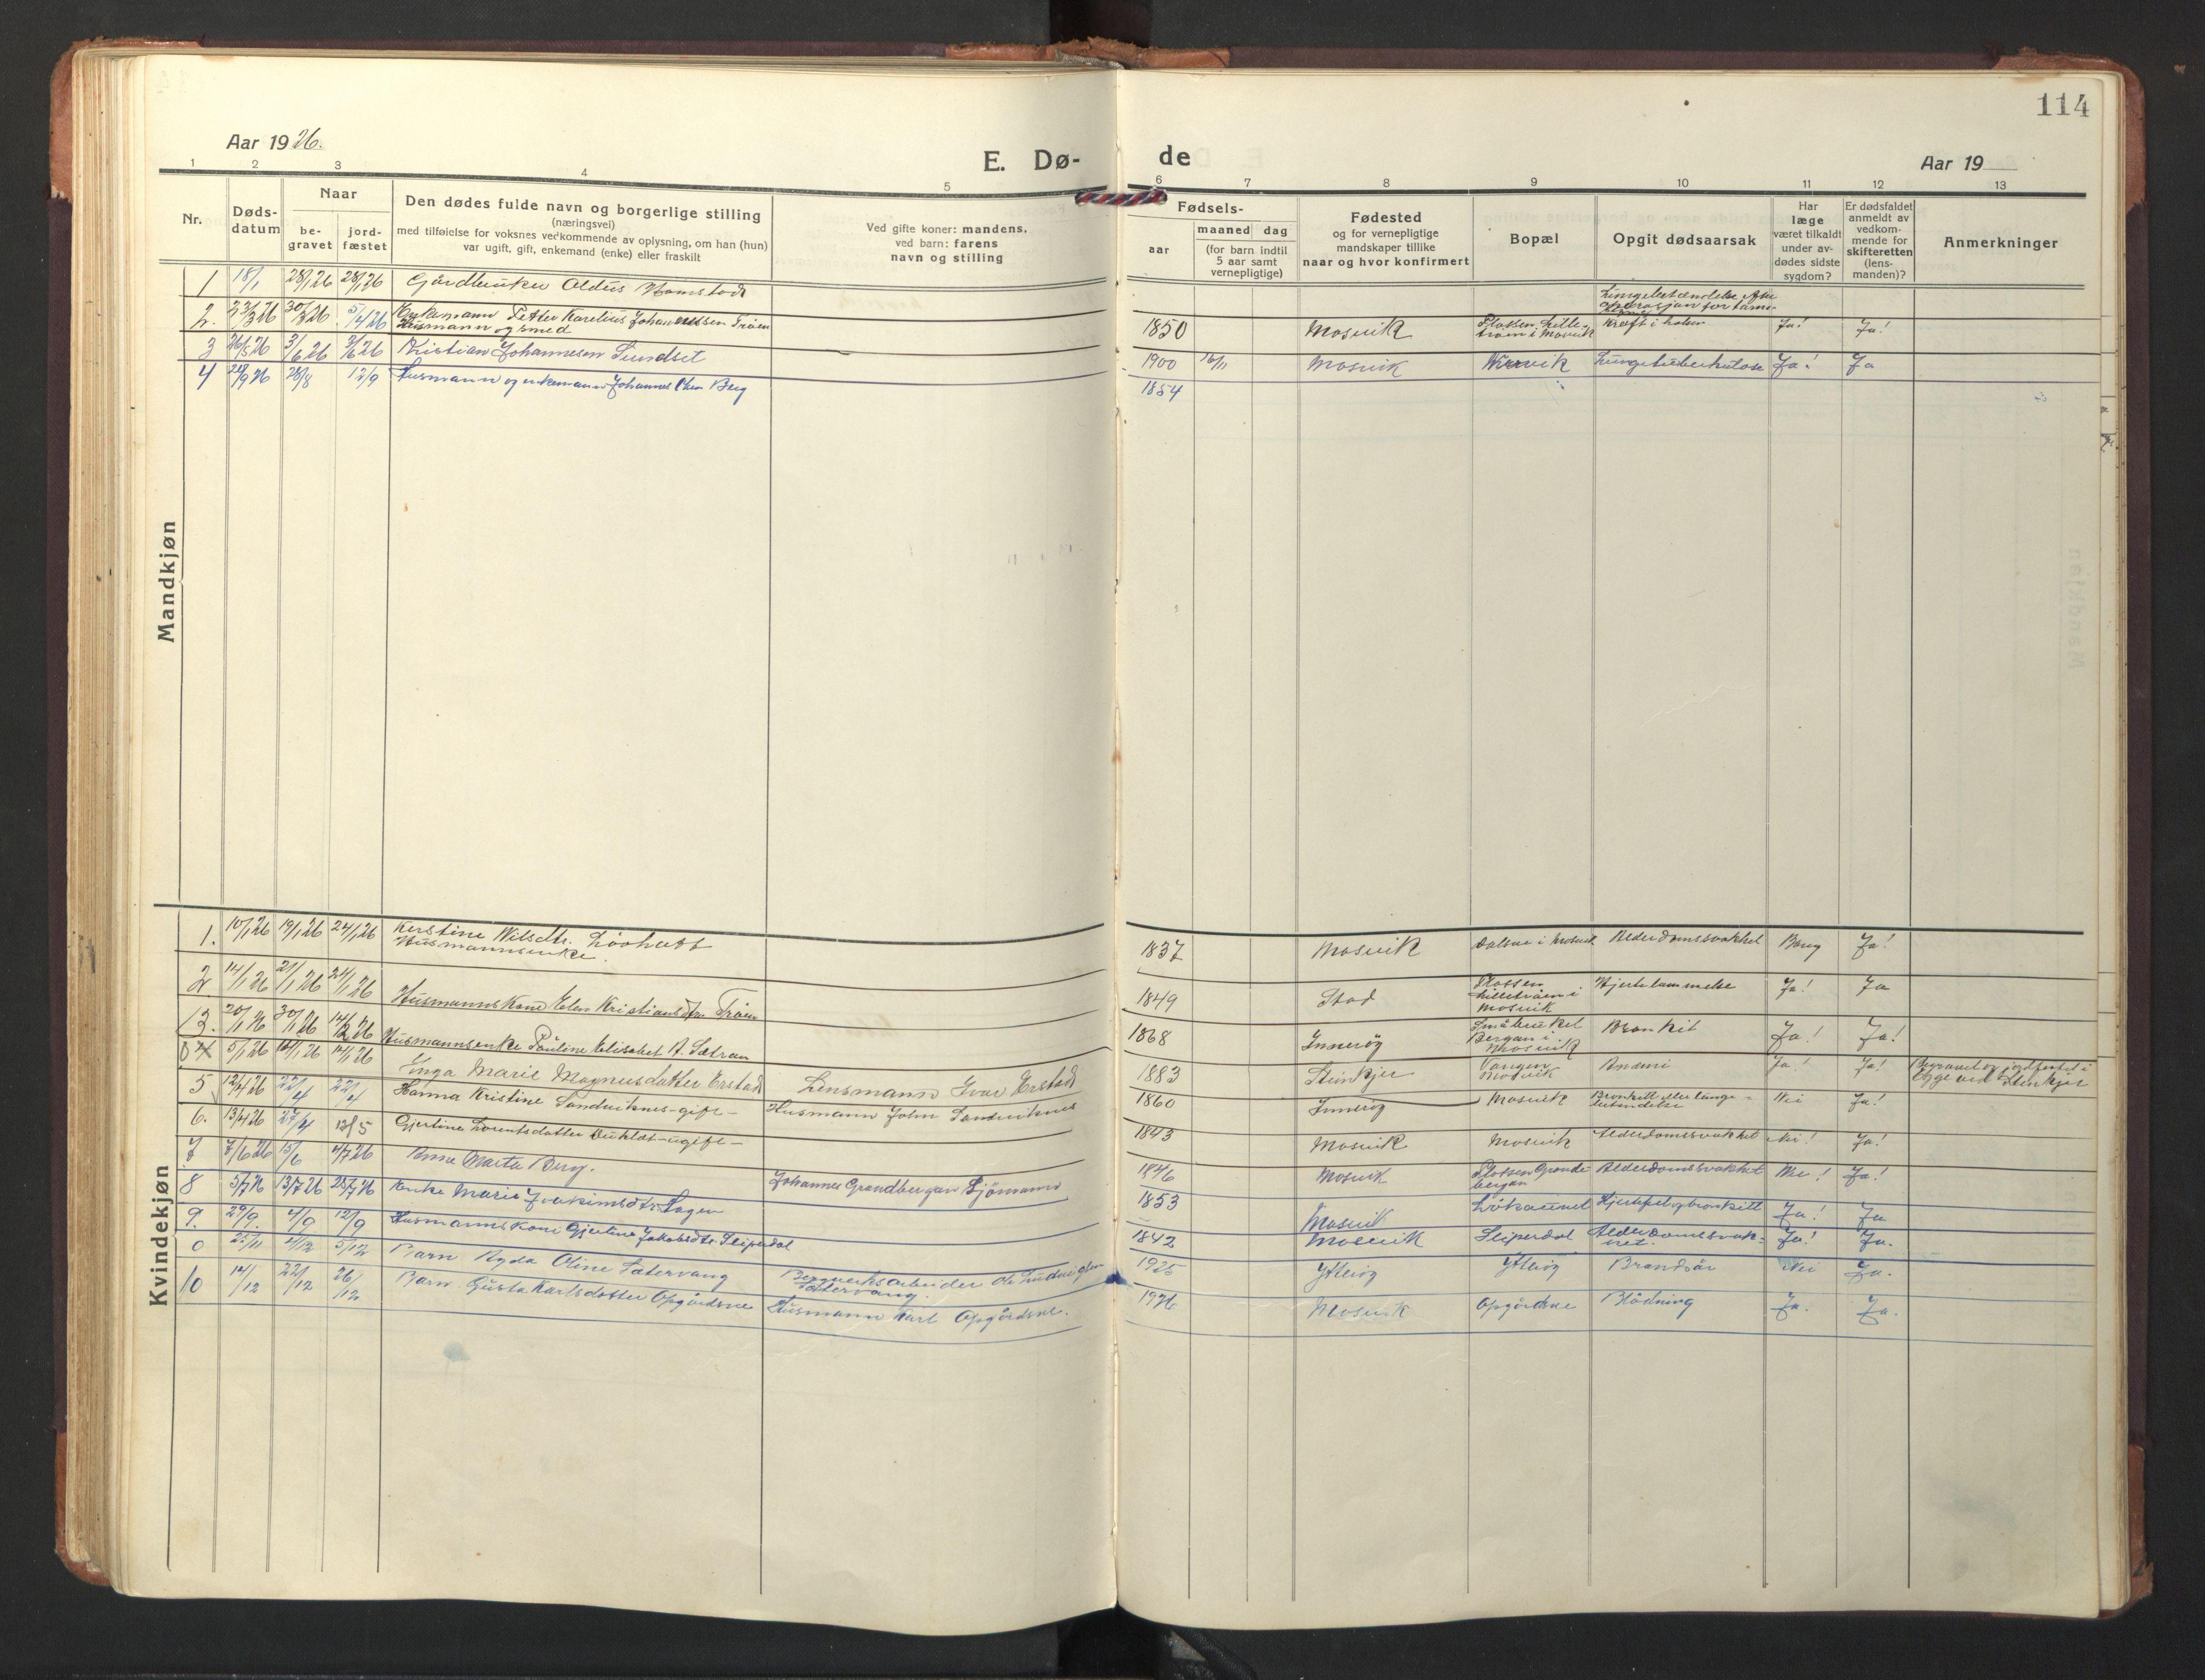 SAT, Ministerialprotokoller, klokkerbøker og fødselsregistre - Nord-Trøndelag, 733/L0328: Klokkerbok nr. 733C03, 1919-1966, s. 114